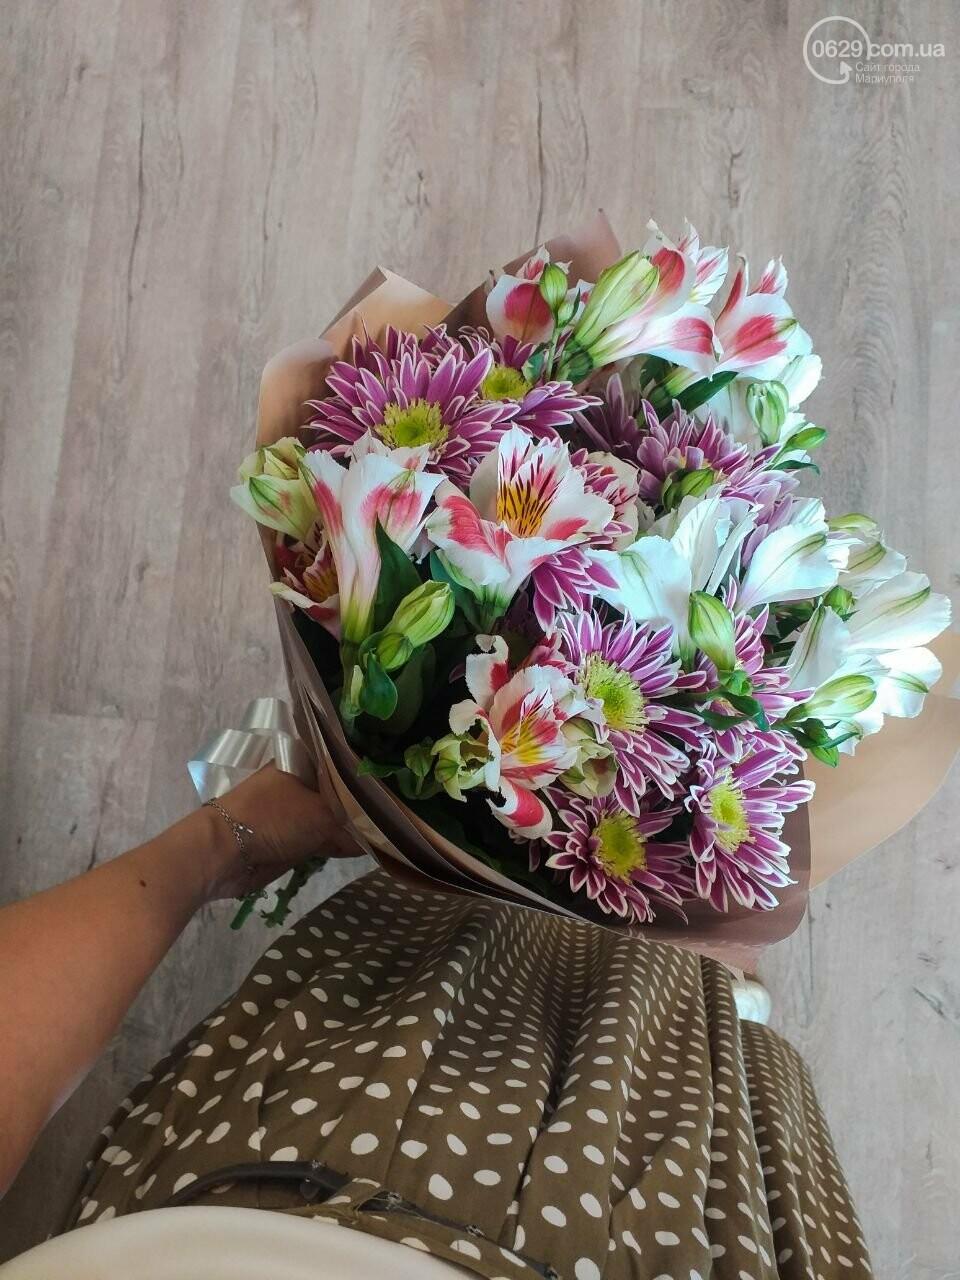 Изысканные, стильные букеты цветов с доставкой от сети салонов LUXE, фото-20